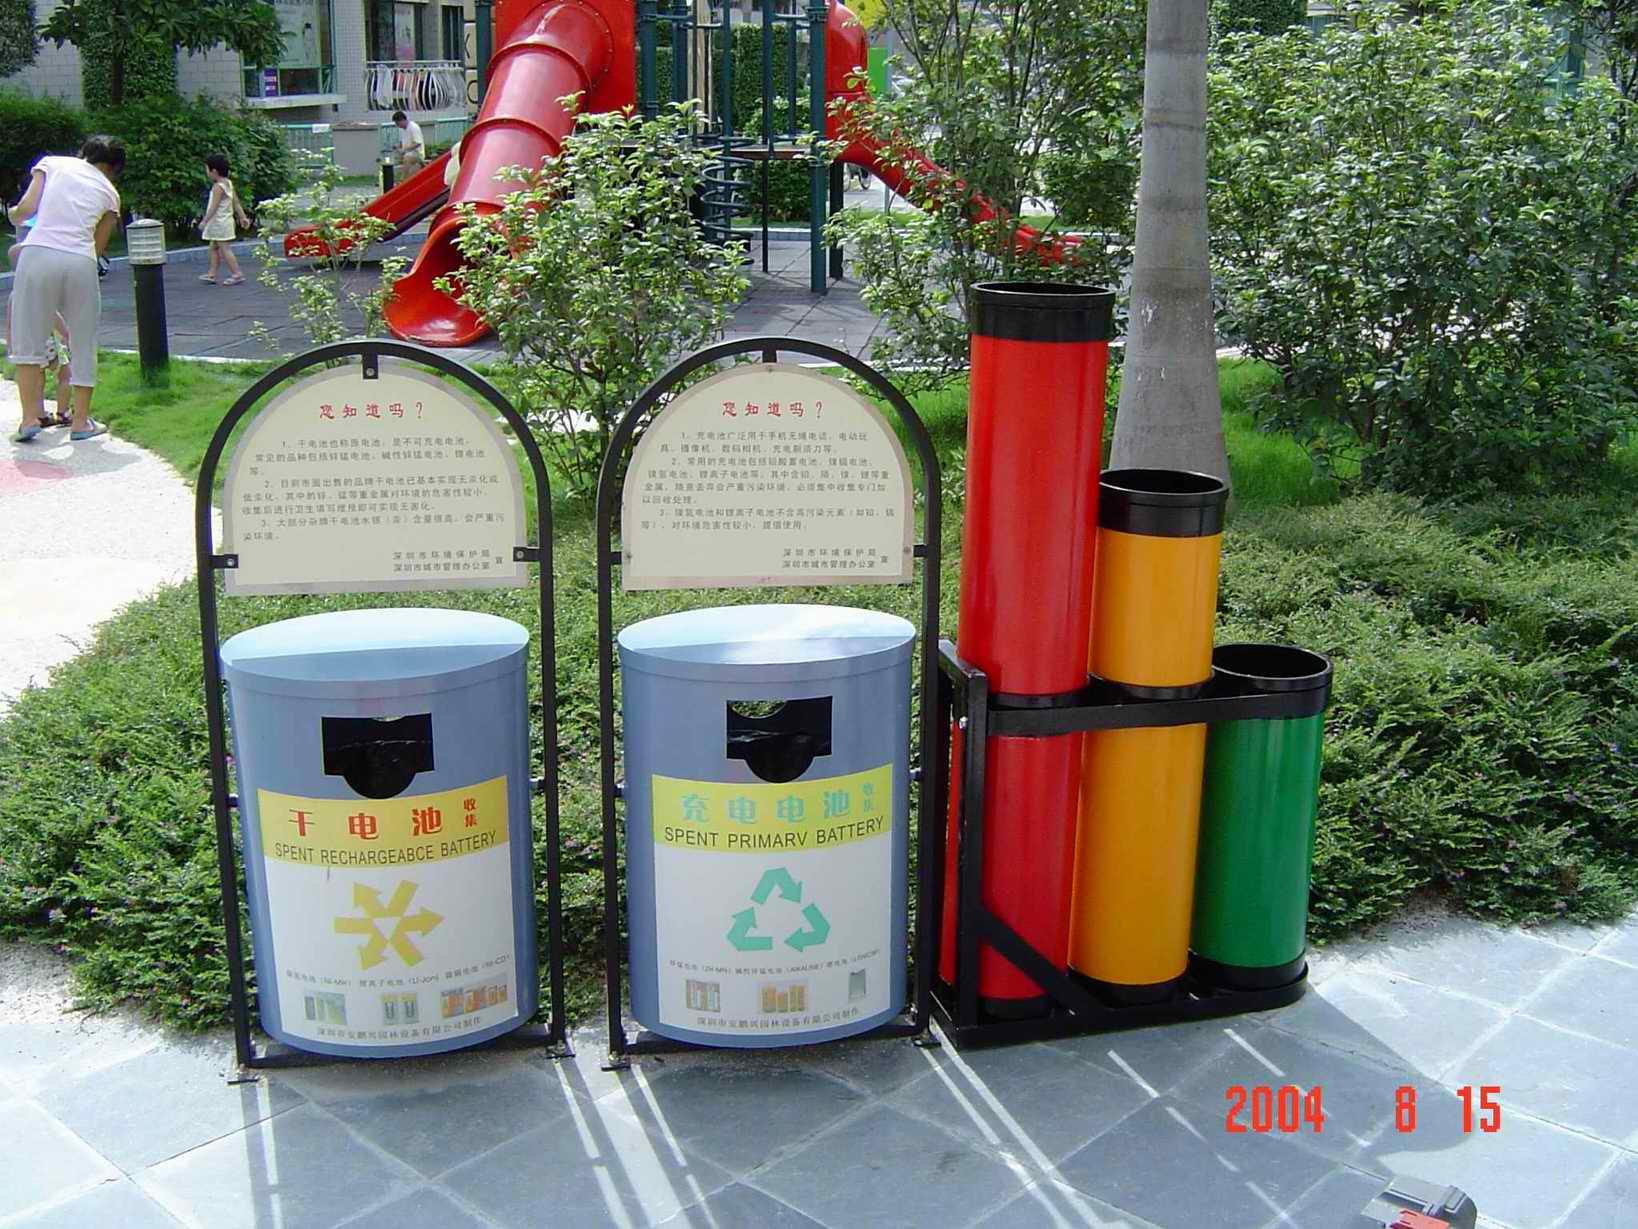 回收 垃圾桶 垃圾箱 1638